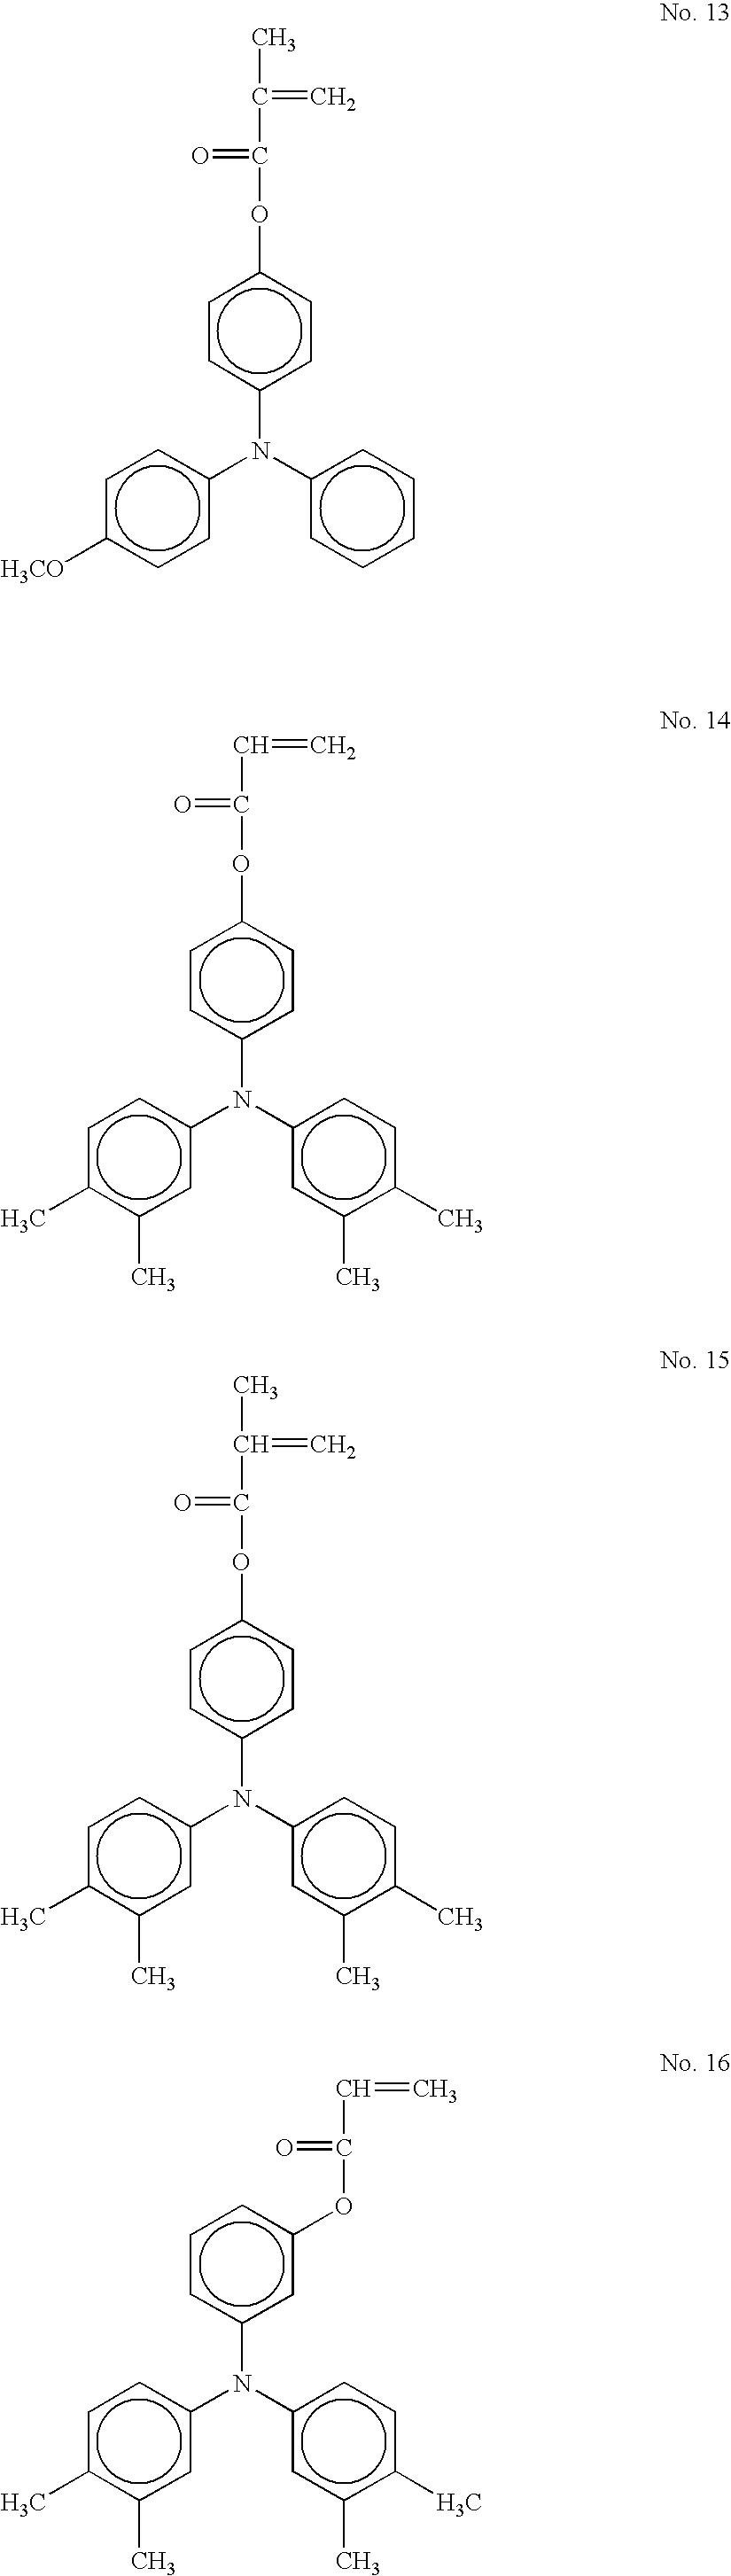 Figure US20060177749A1-20060810-C00022